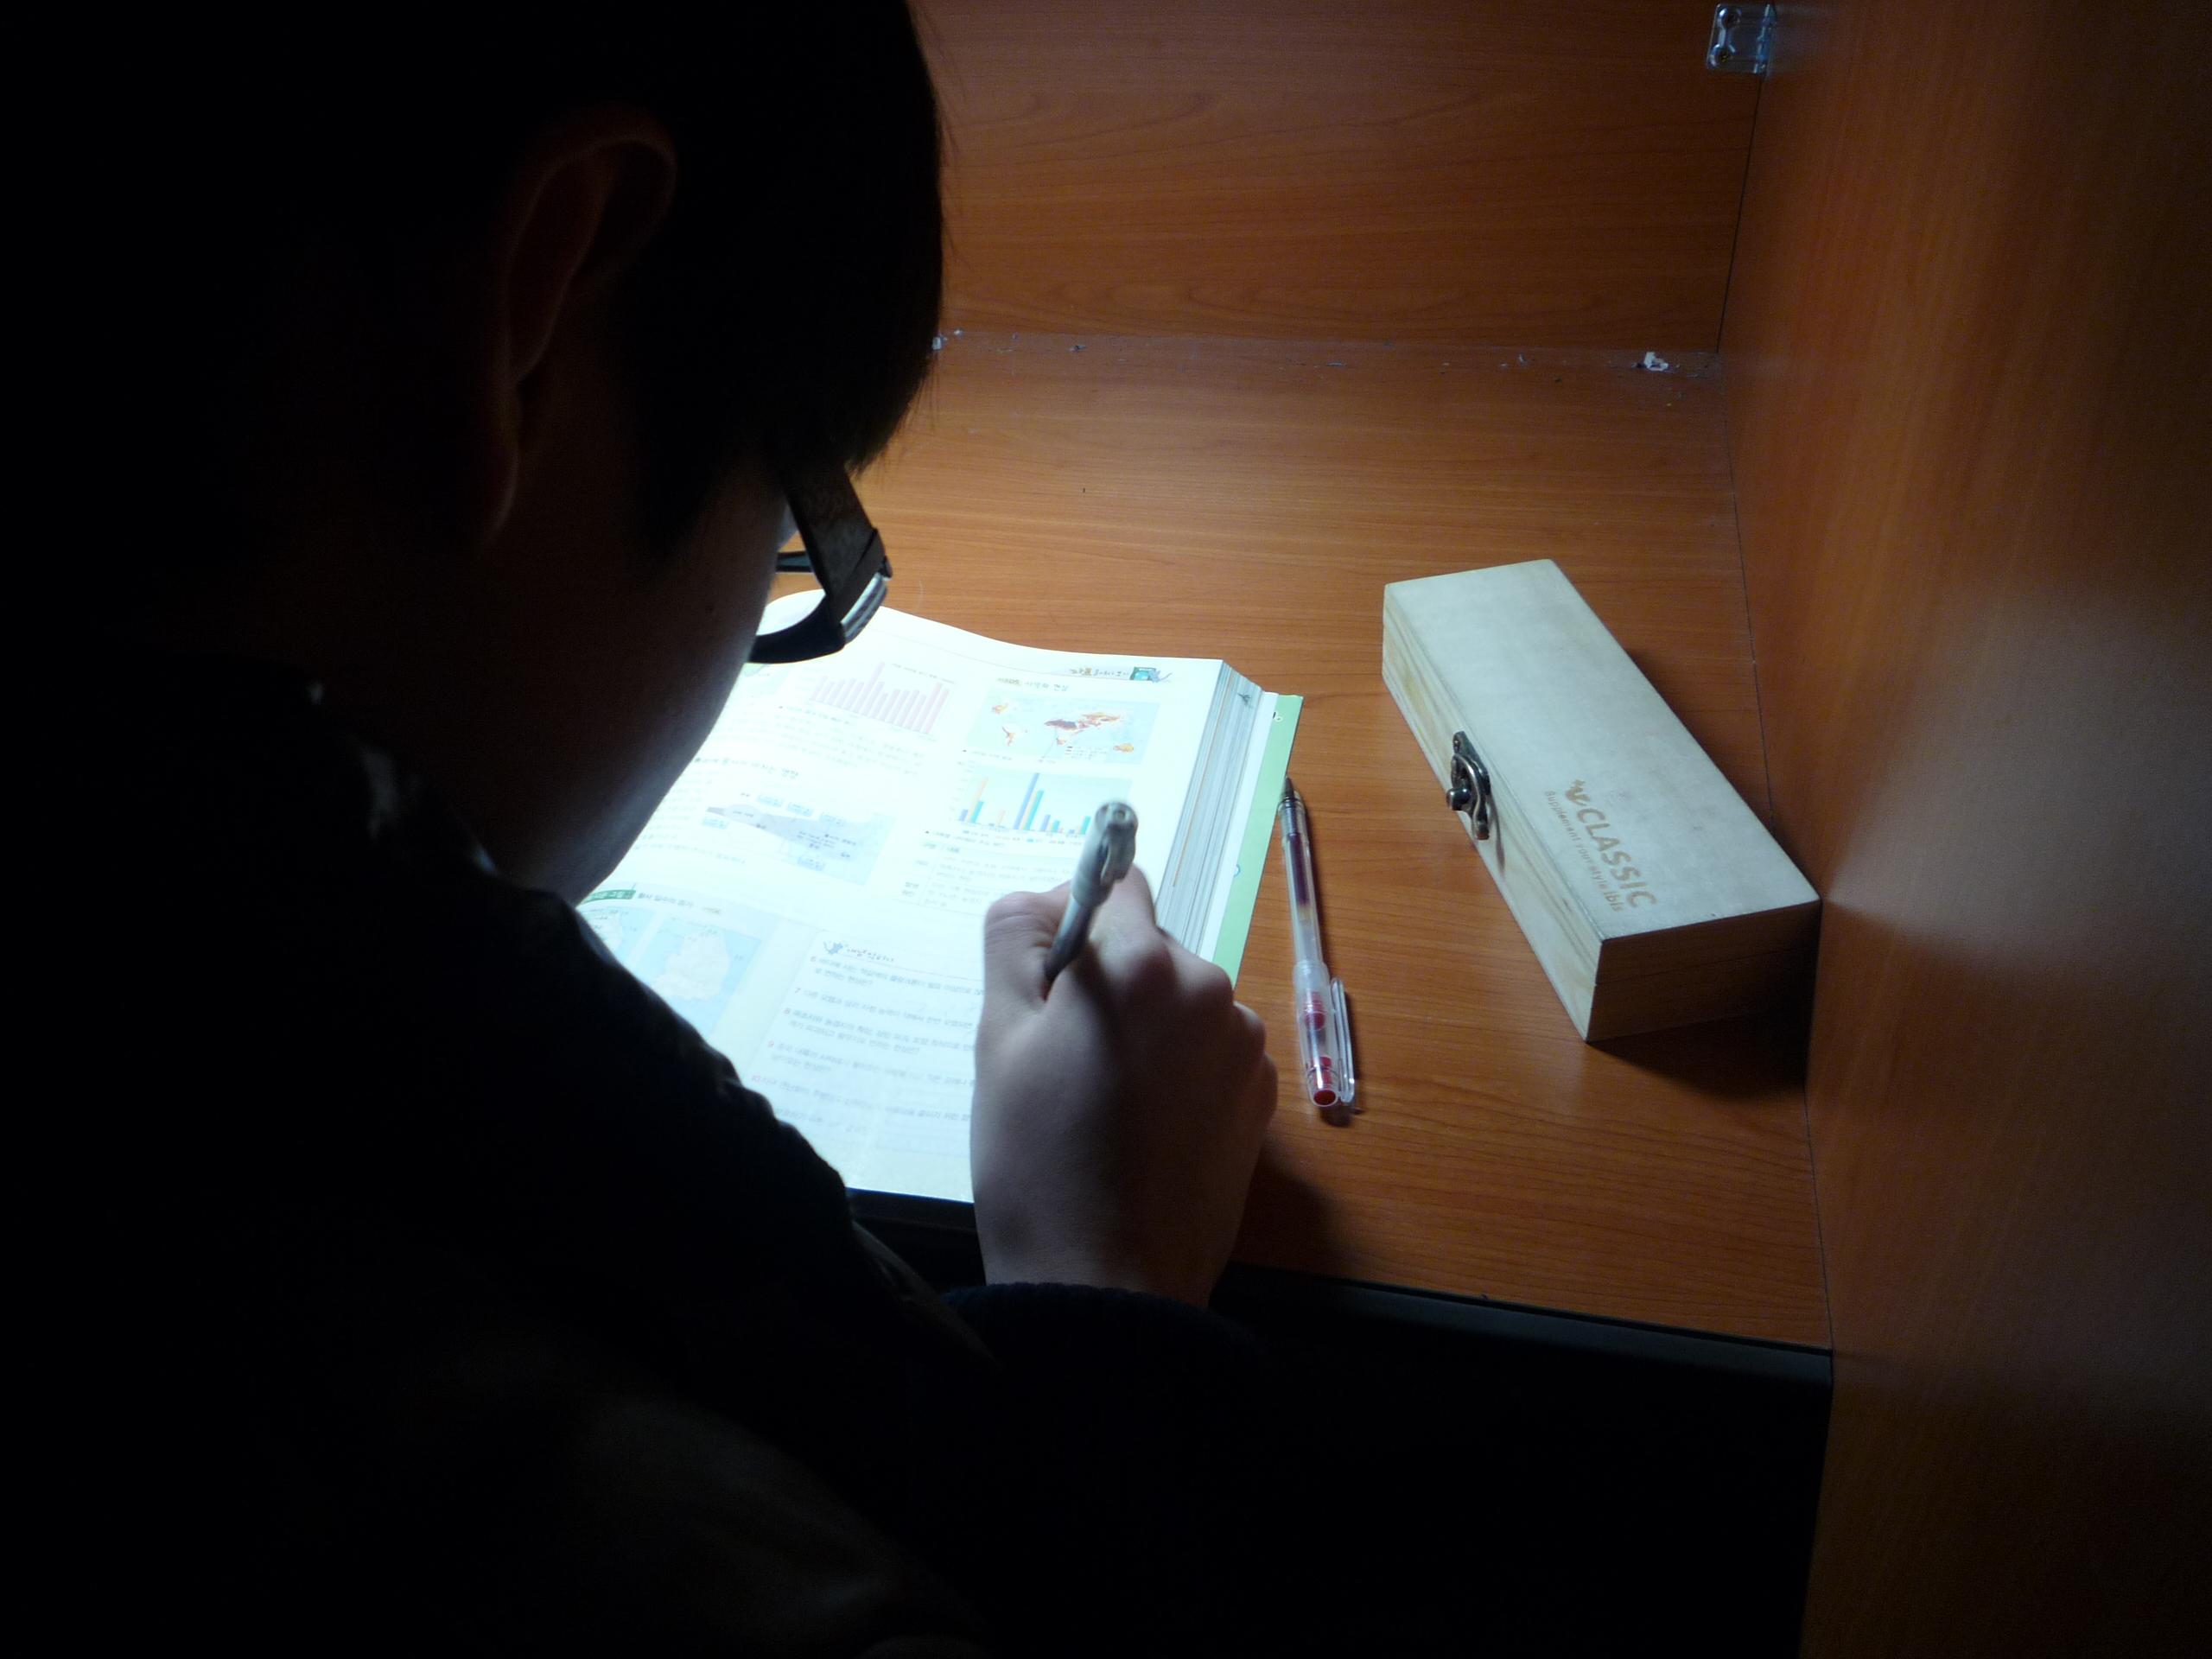 2008/12/13 휴일의 독서실 첨부이미지